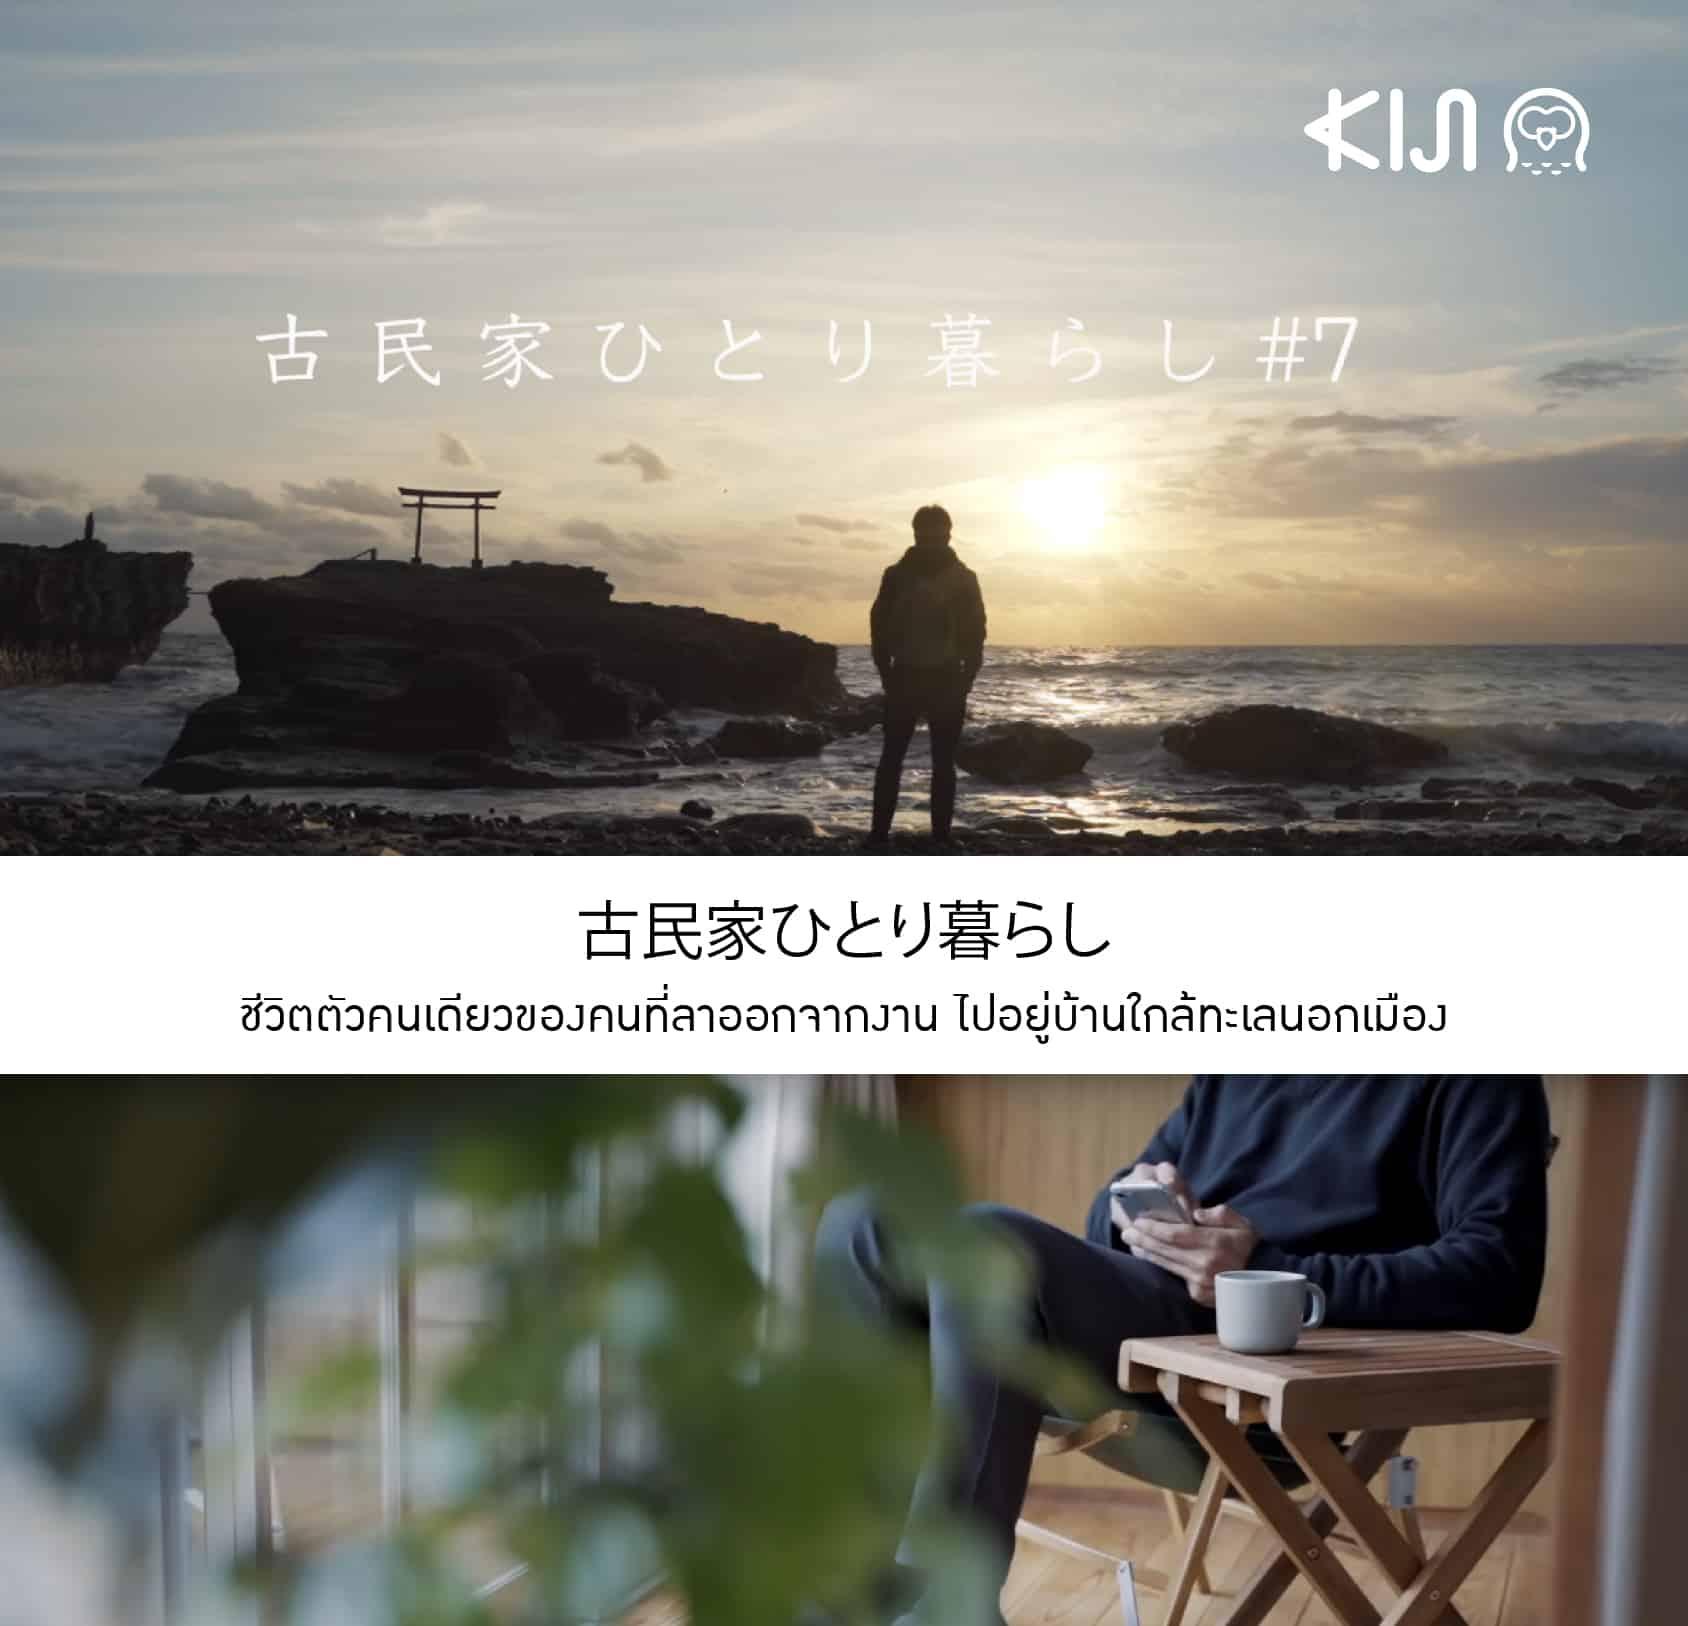 ยูทูปเบอร์ญี่ปุ่น ที่เล่าเรื่องชีวิตตัวคนเดียวของชายหนุ่มที่ลาออกจากงาน ไปอยู่บ้านใกล้ทะเลนอกเมือง